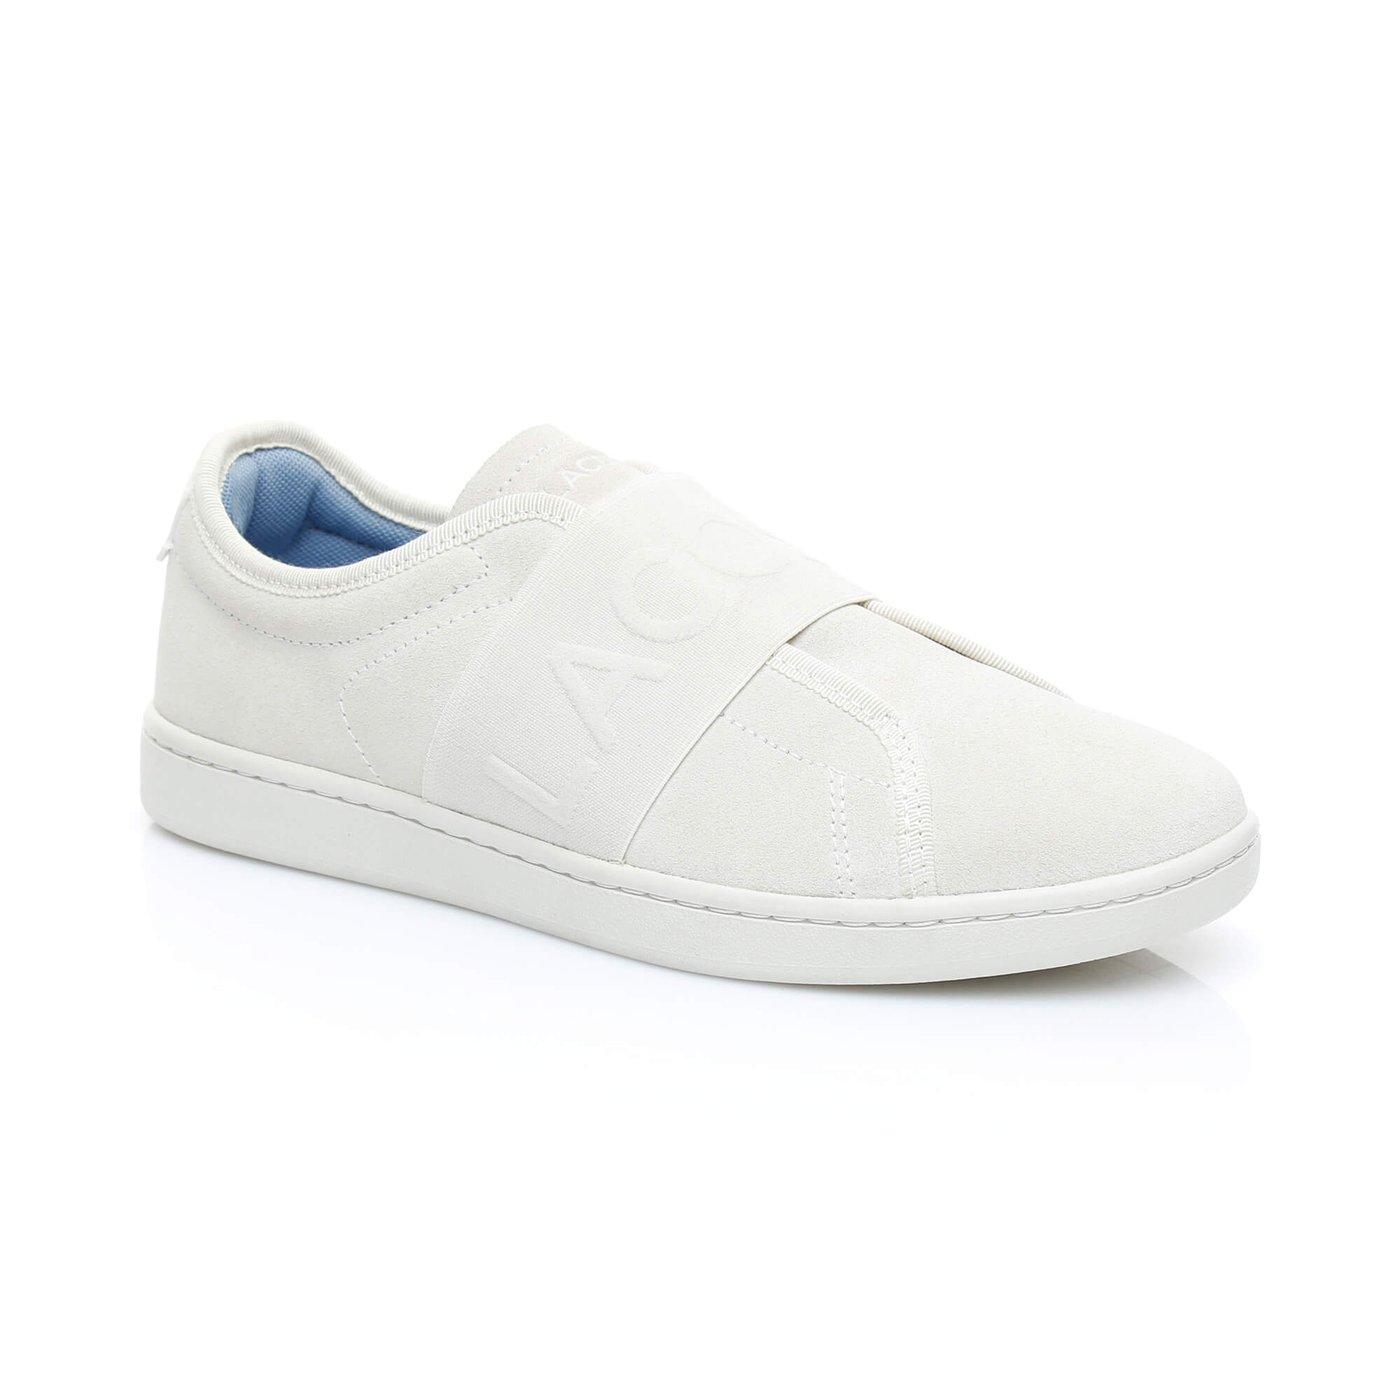 Lacoste Carnaby Evo Slip 318 2 Kadın Bej Ayakkabı